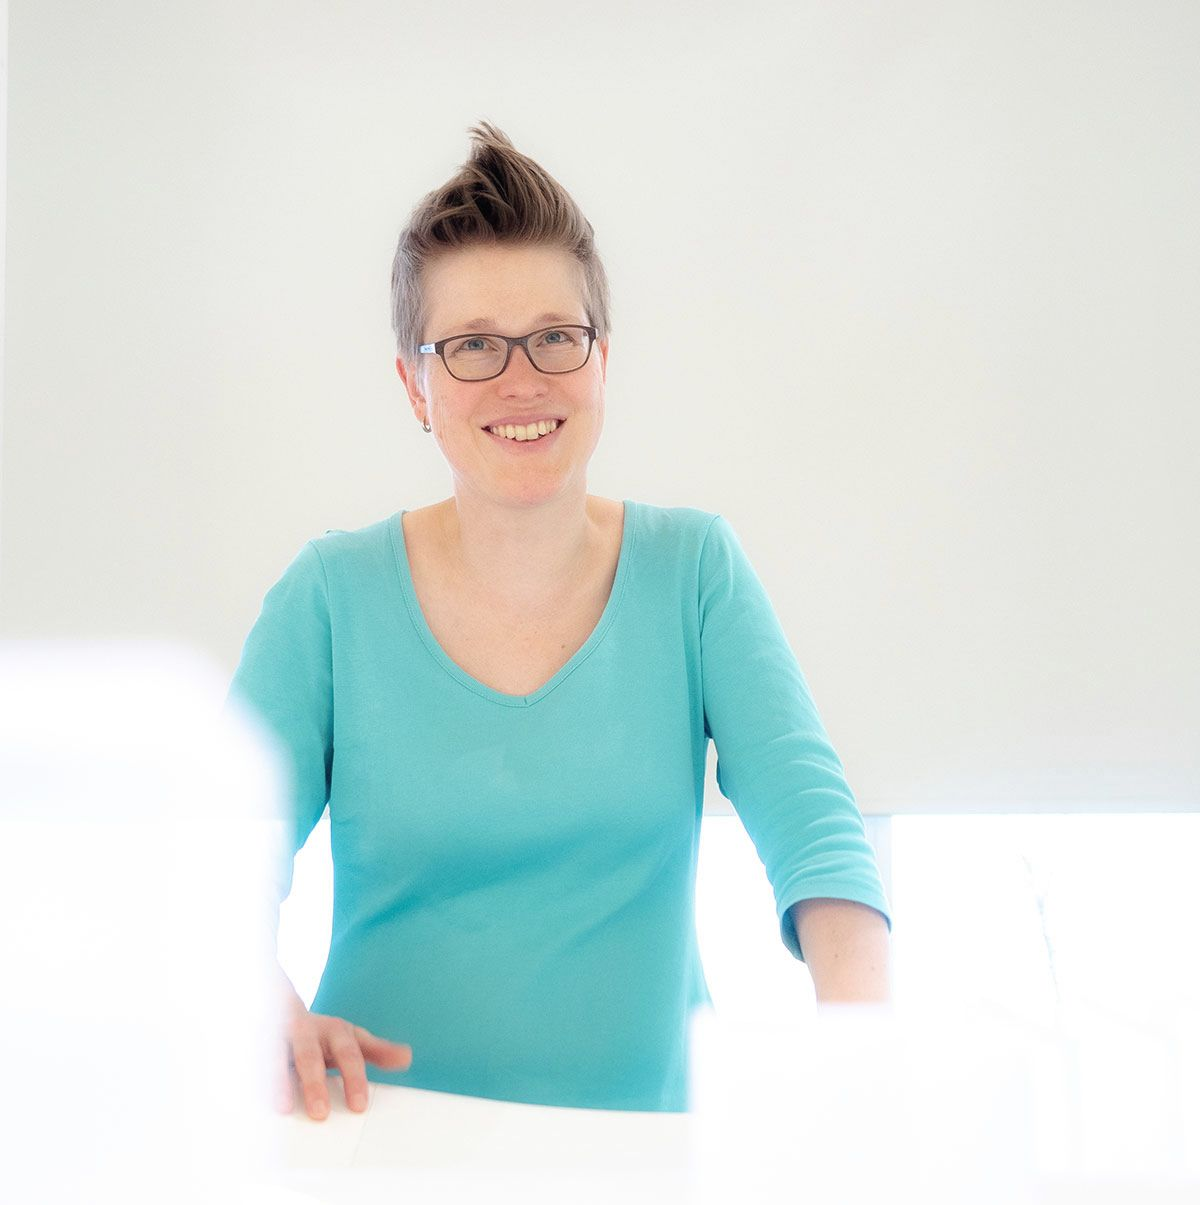 Dr. Yvette Teiken